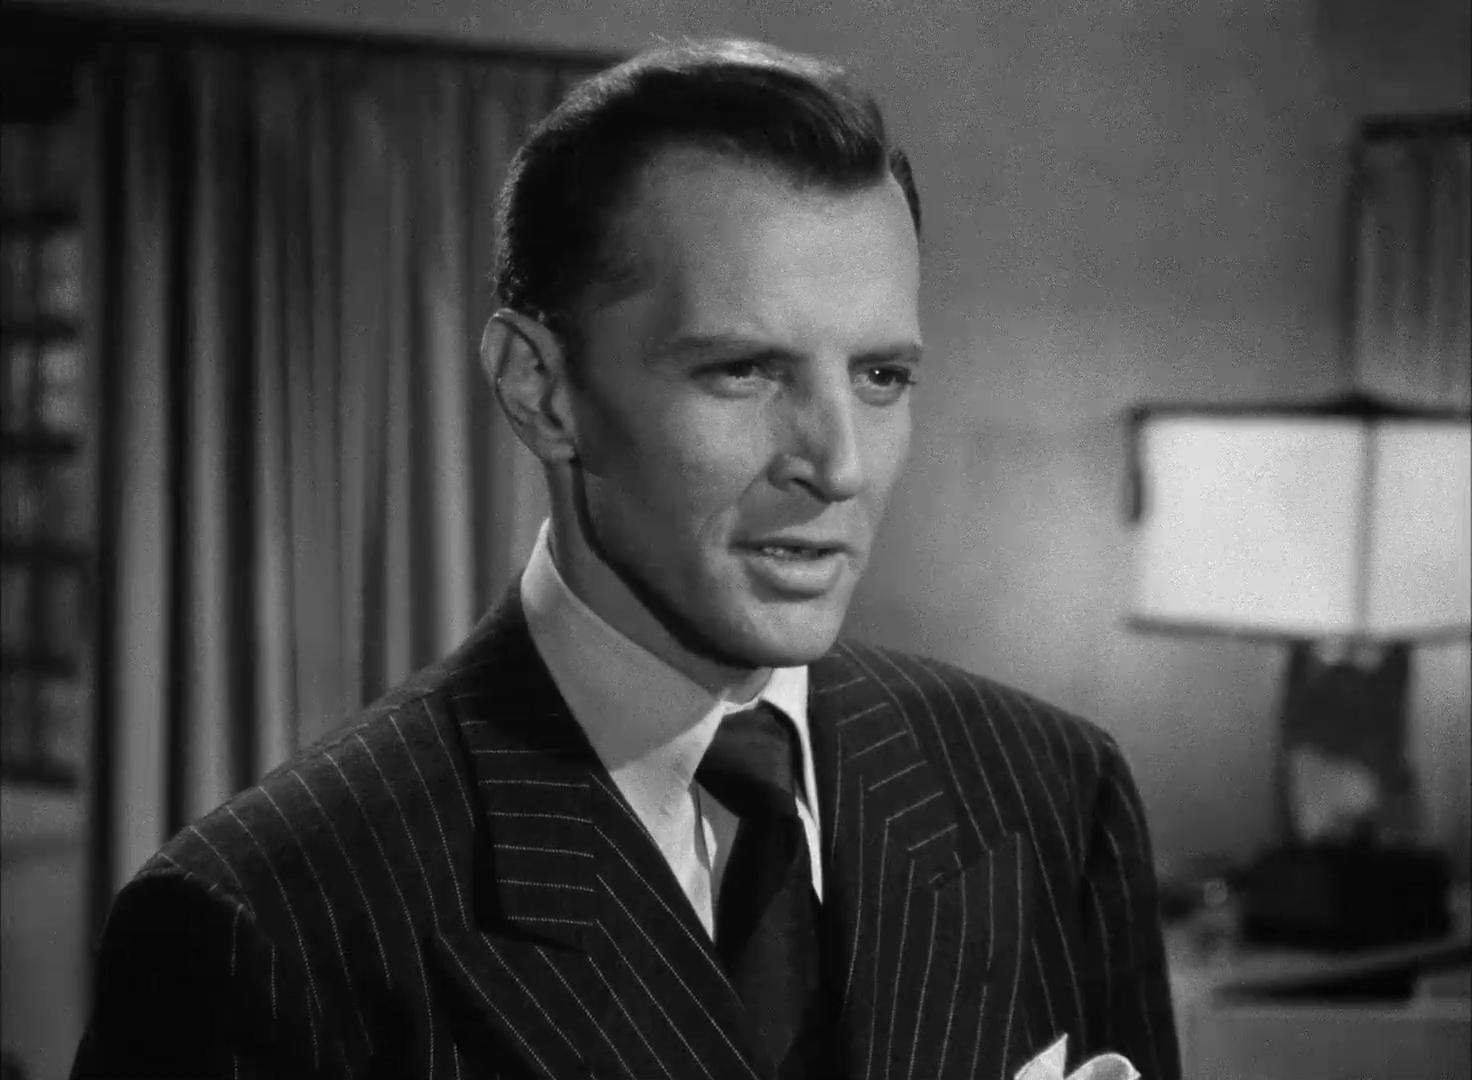 Bruce Bennett dans le film noir Dark passage (Les passagers de la nuit, 1947) de Delmer Daves